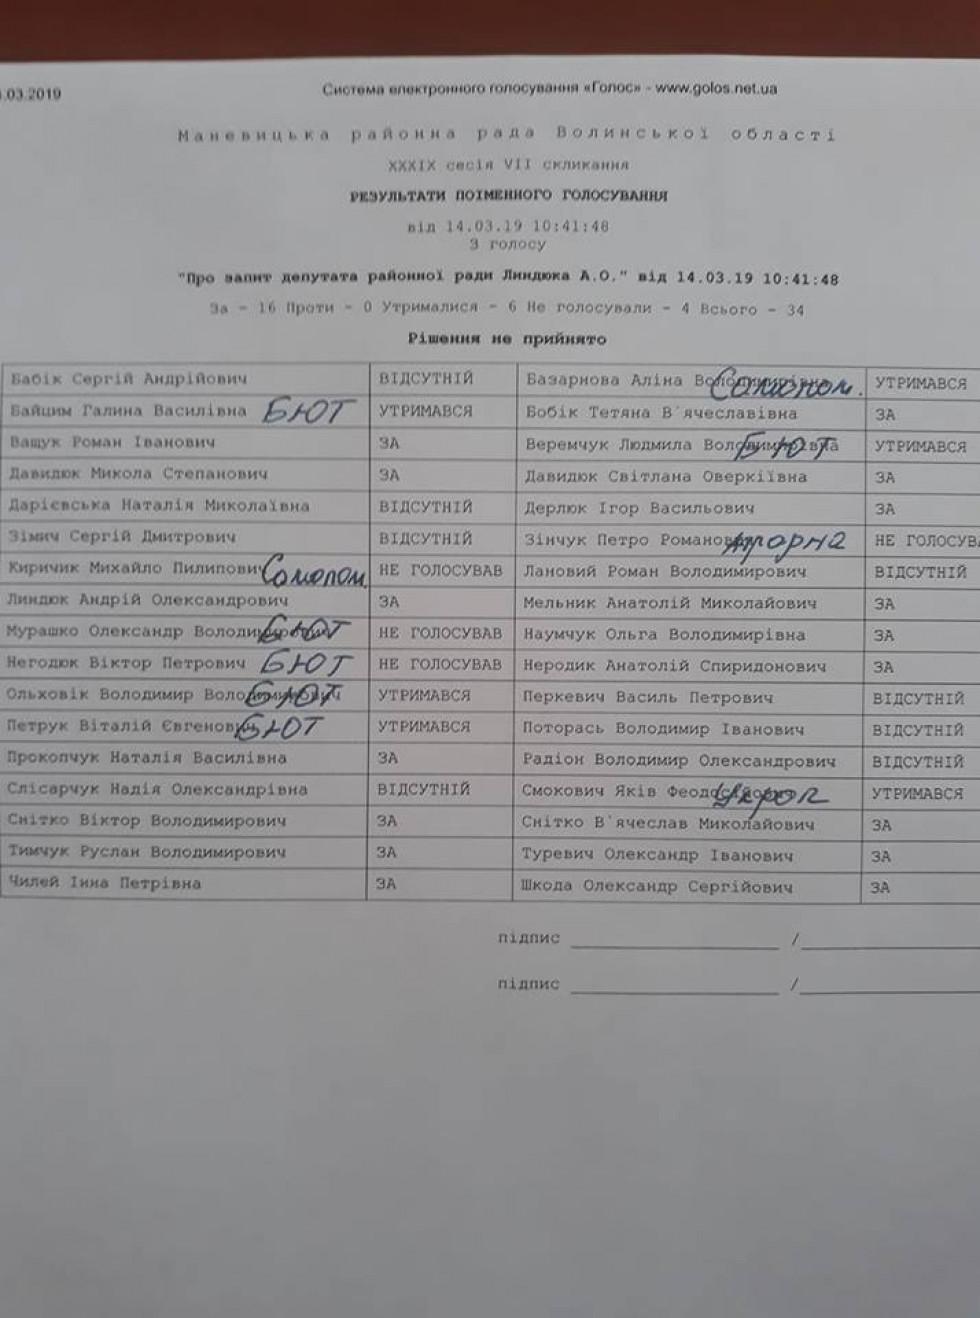 Результати поіменного голосування